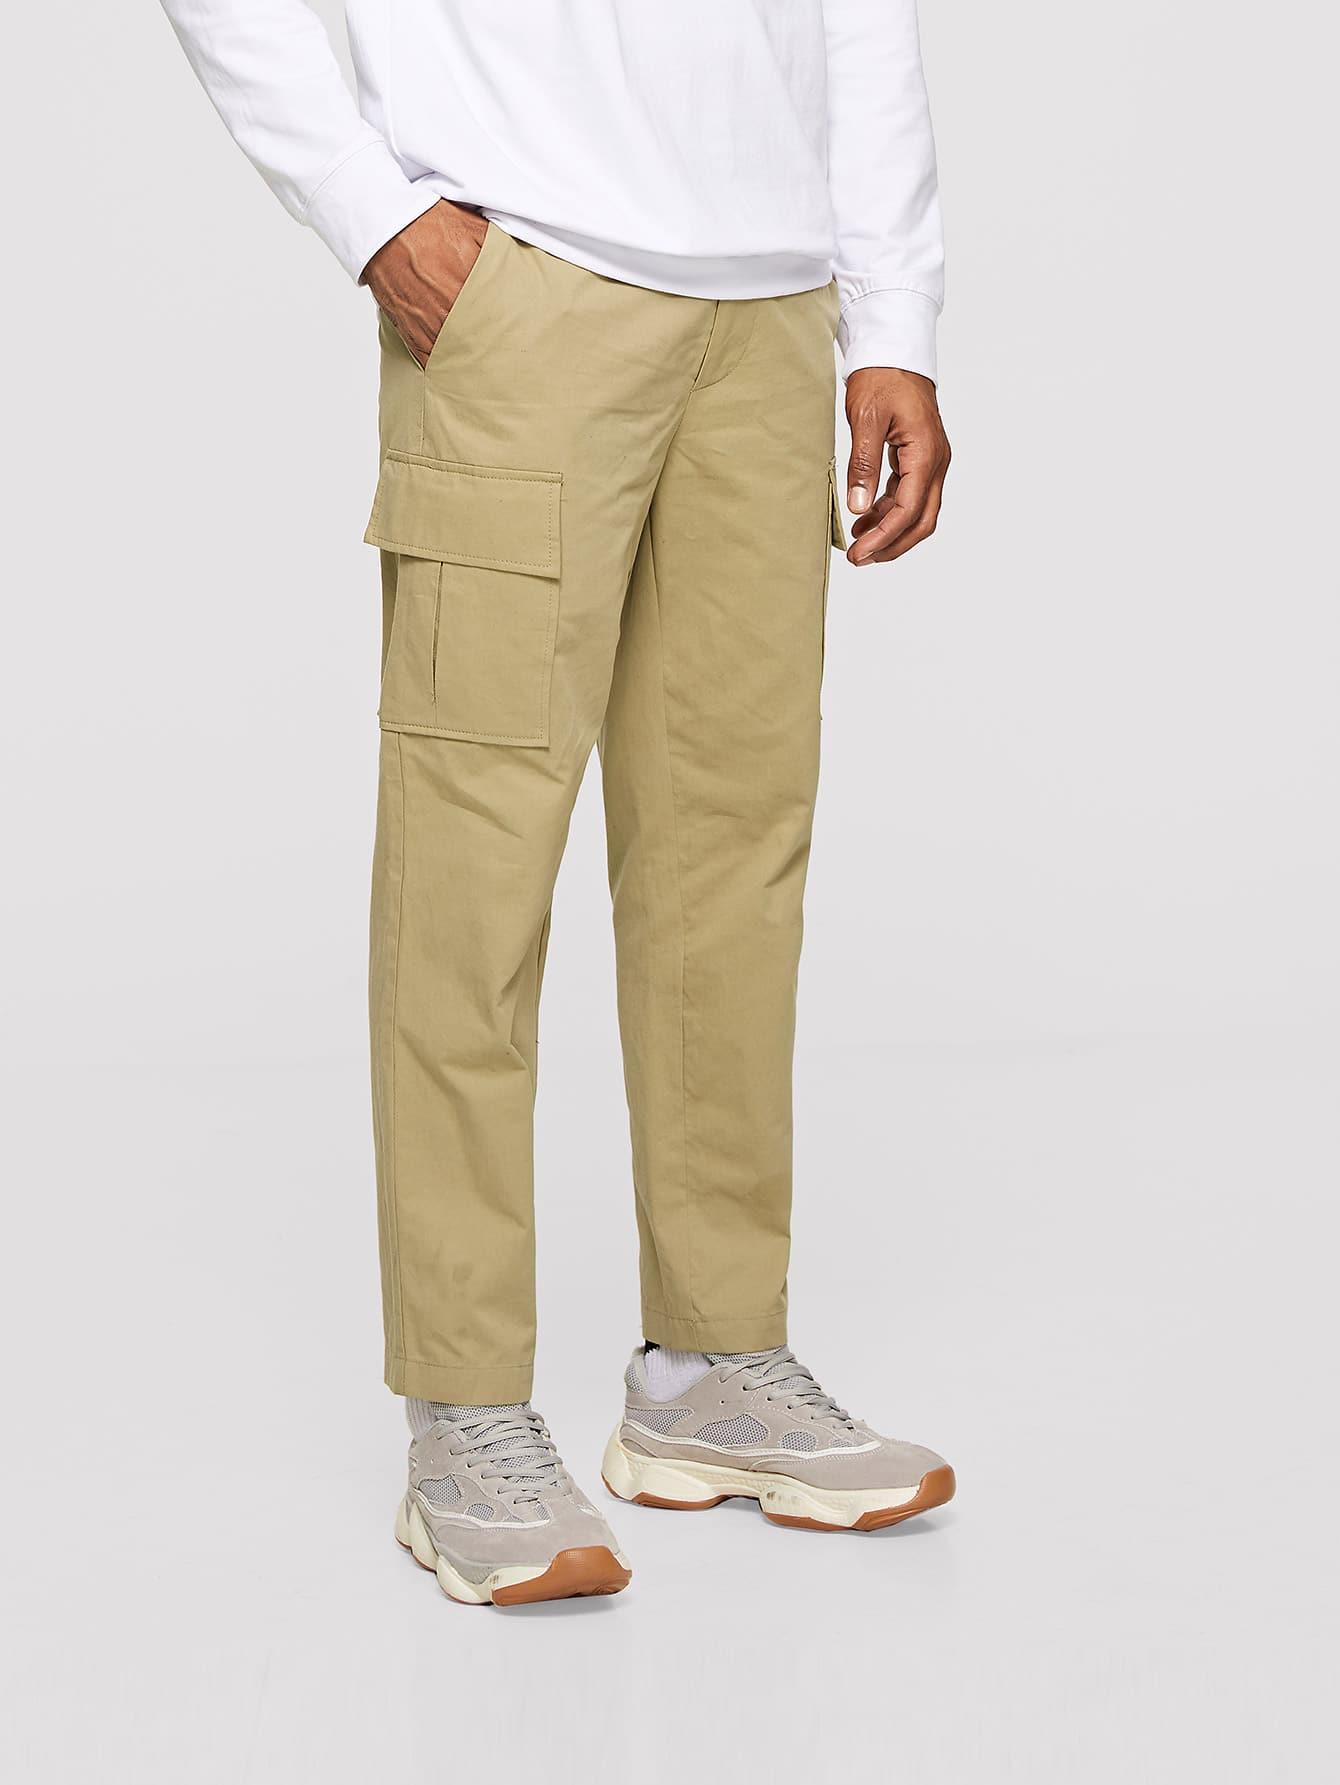 Купить Мужские брюки с карманом и пуговицами, Johnn Silva, SheIn